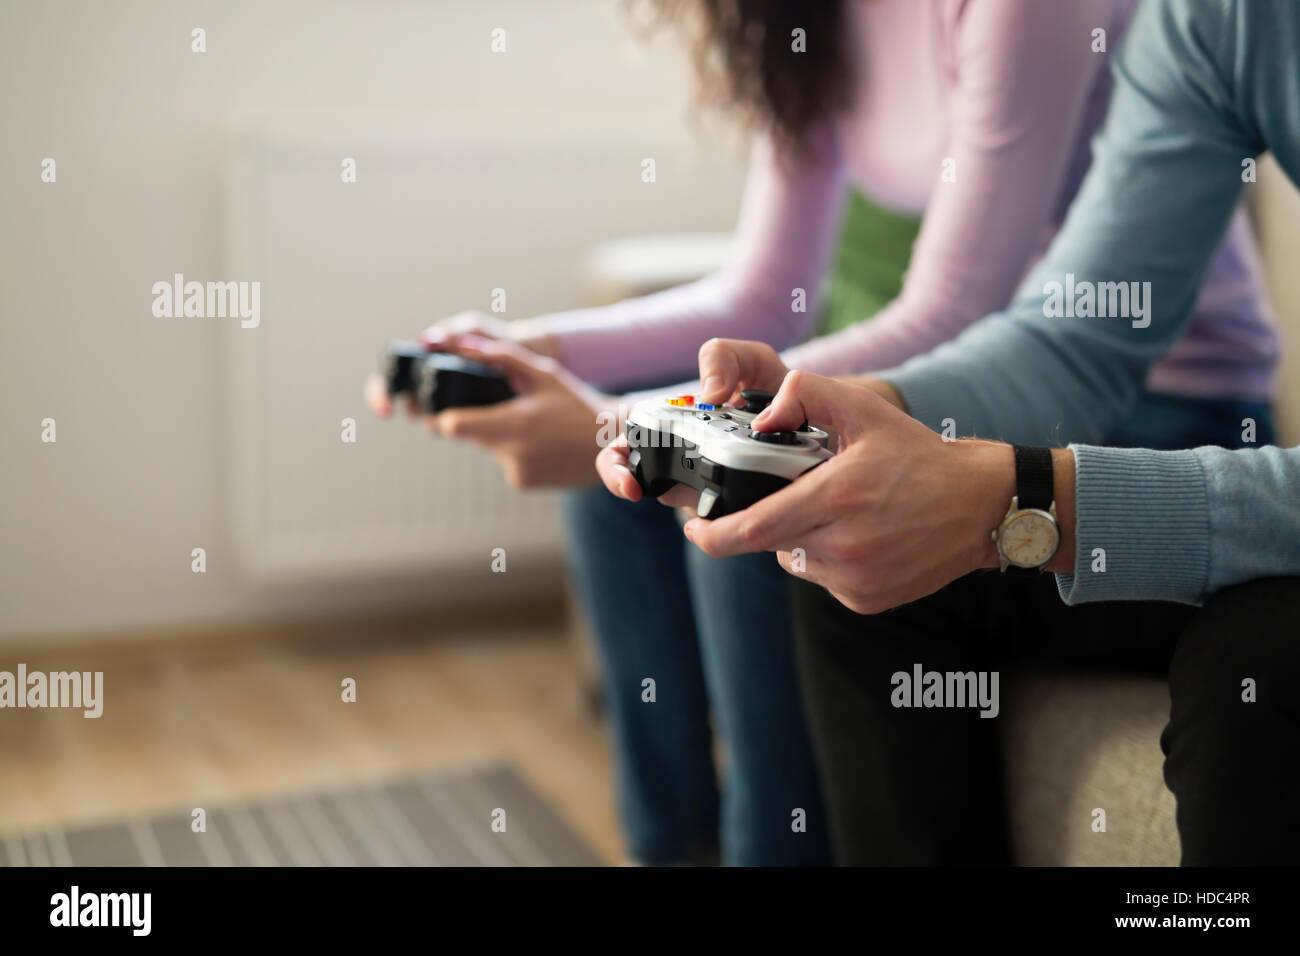 Les jeunes à jouer à des jeux vidéo sur les contrôleurs de la console Photo Stock